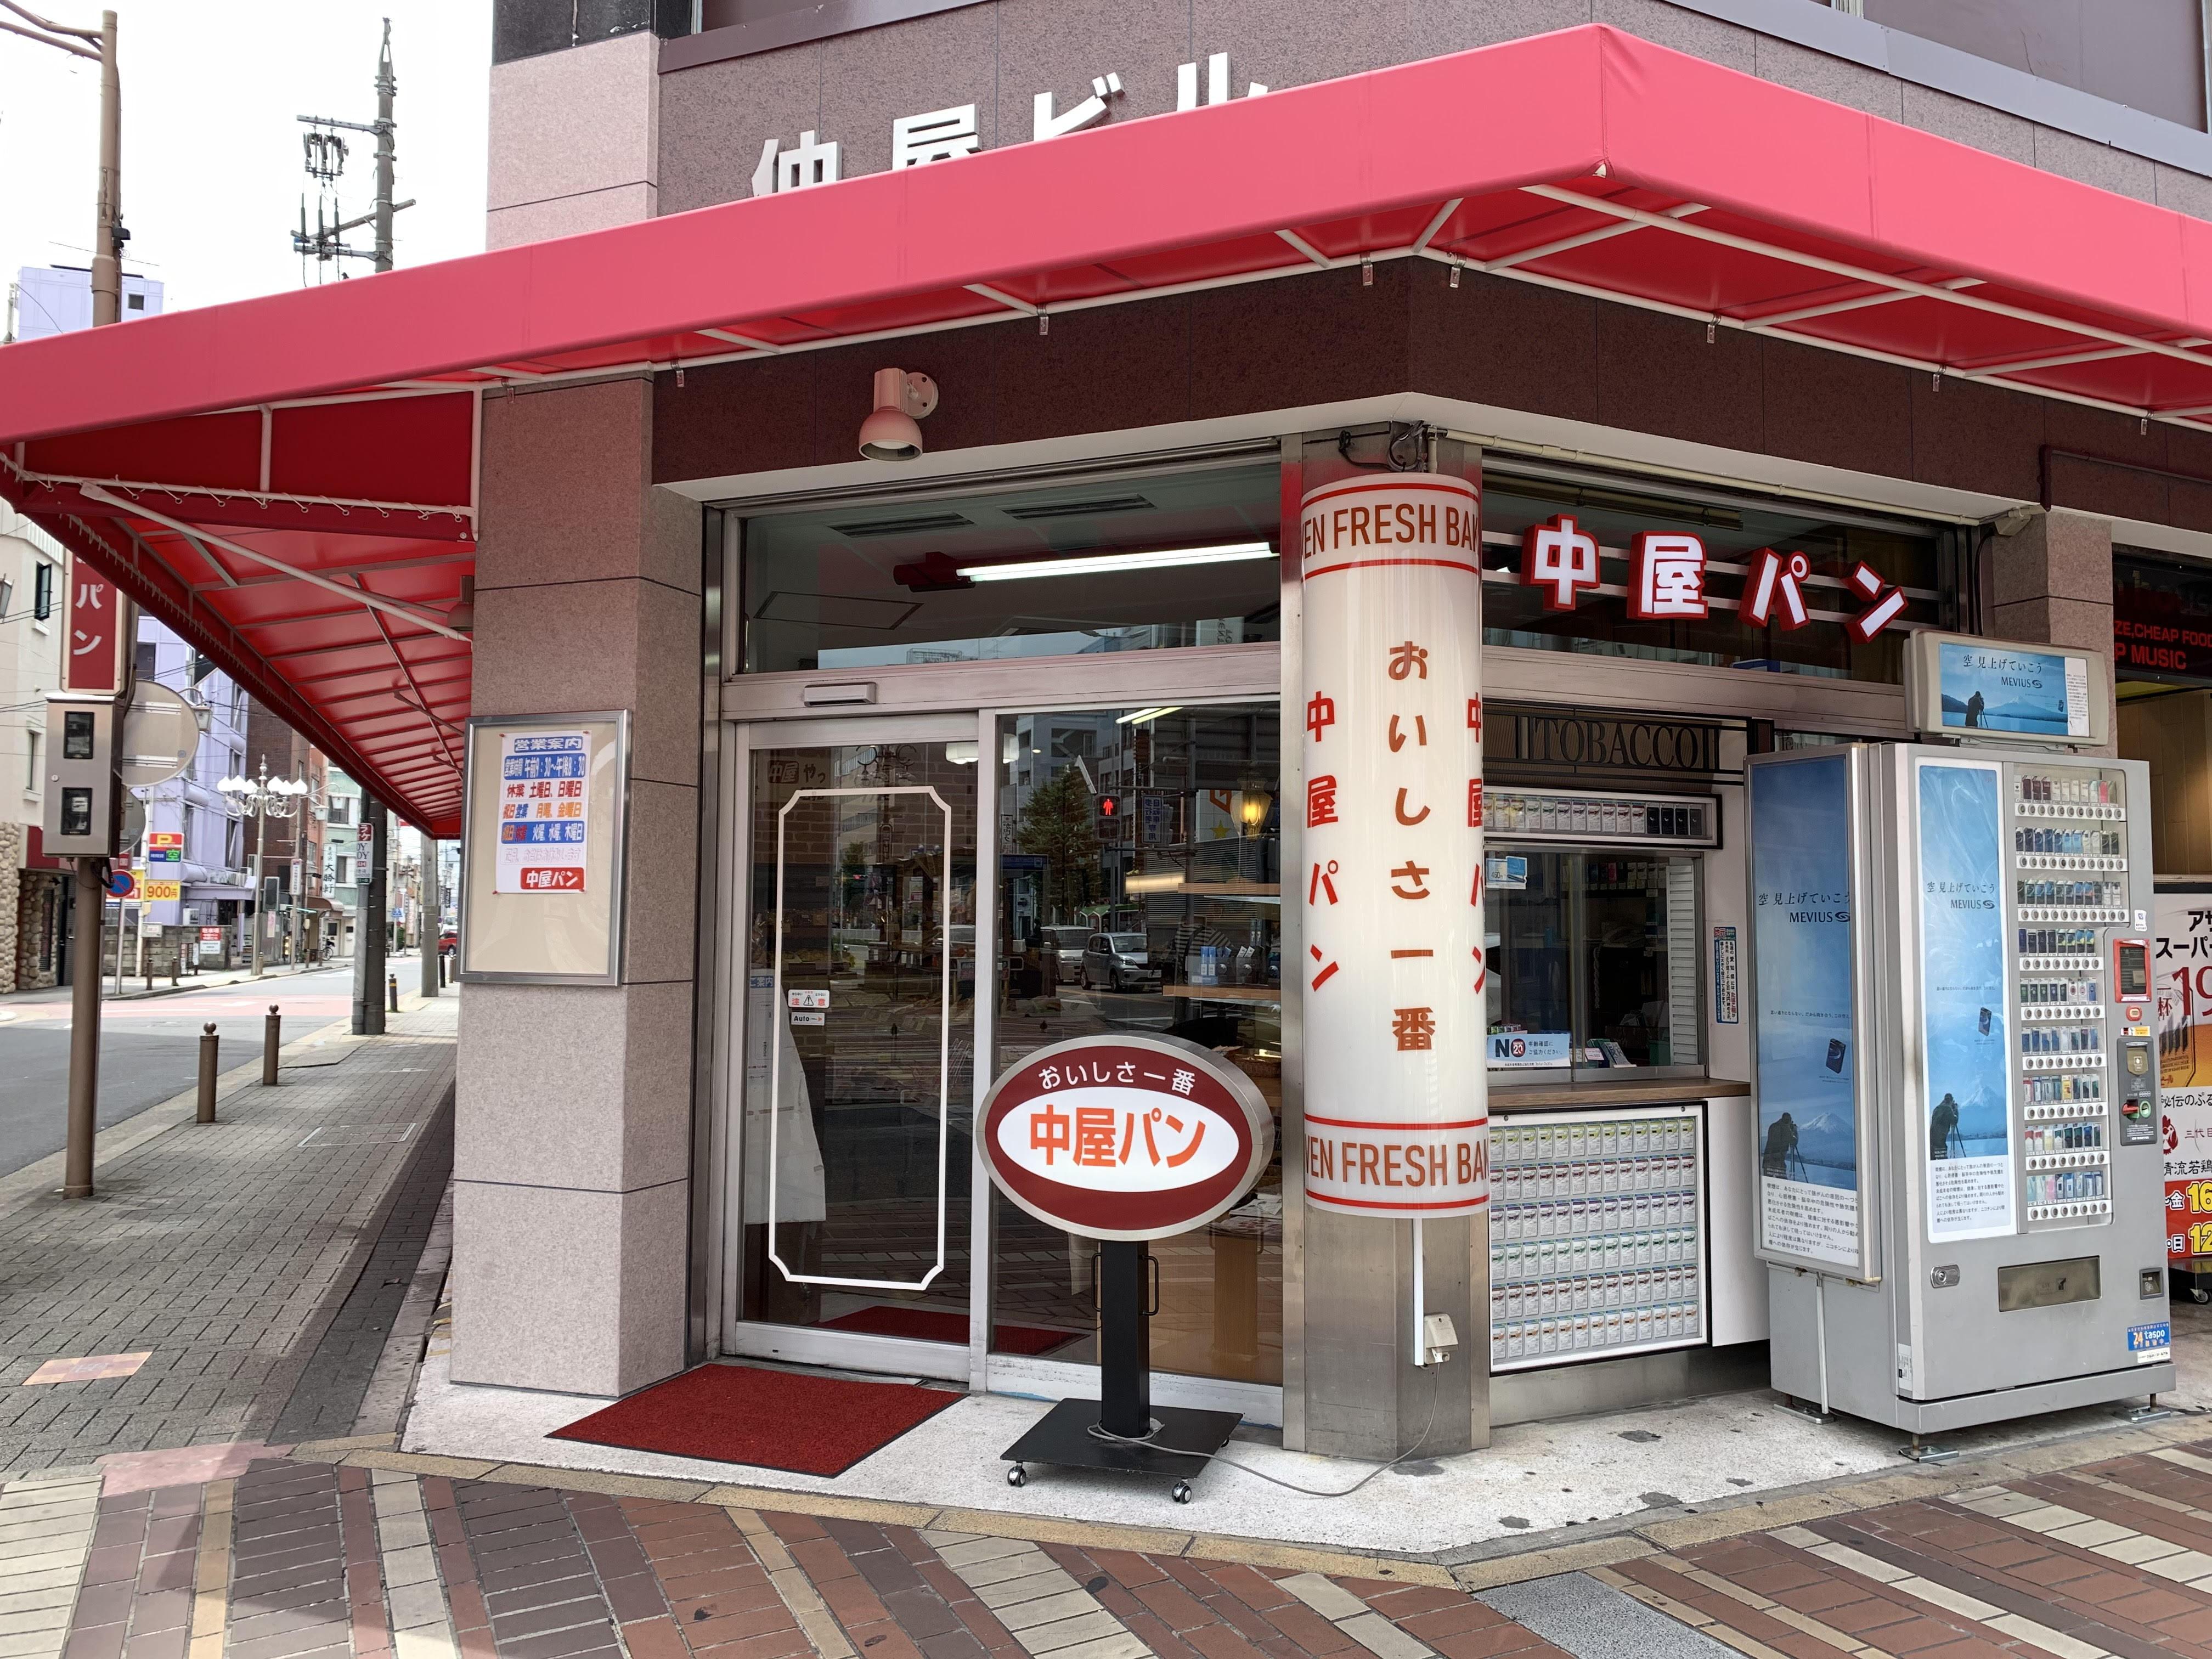 街に古くからある美味しいパン屋さんがあると安心する。